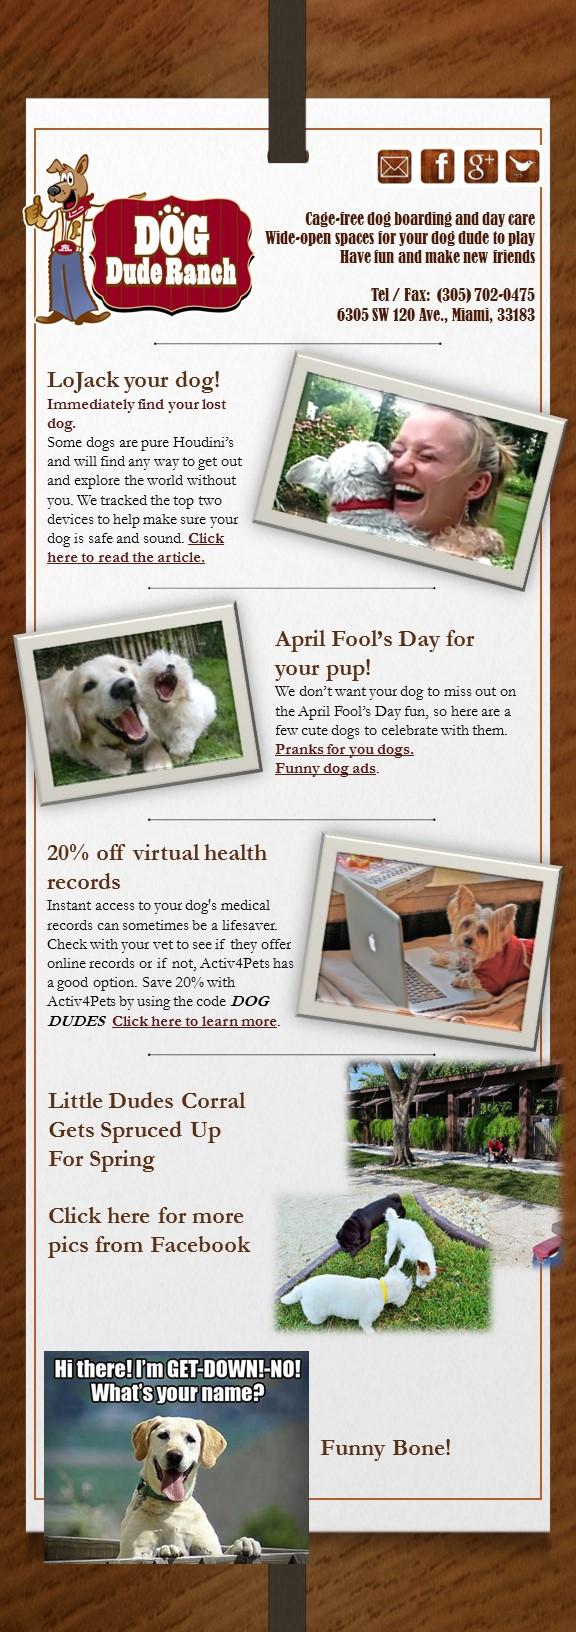 Dog Dude Ranch Miami